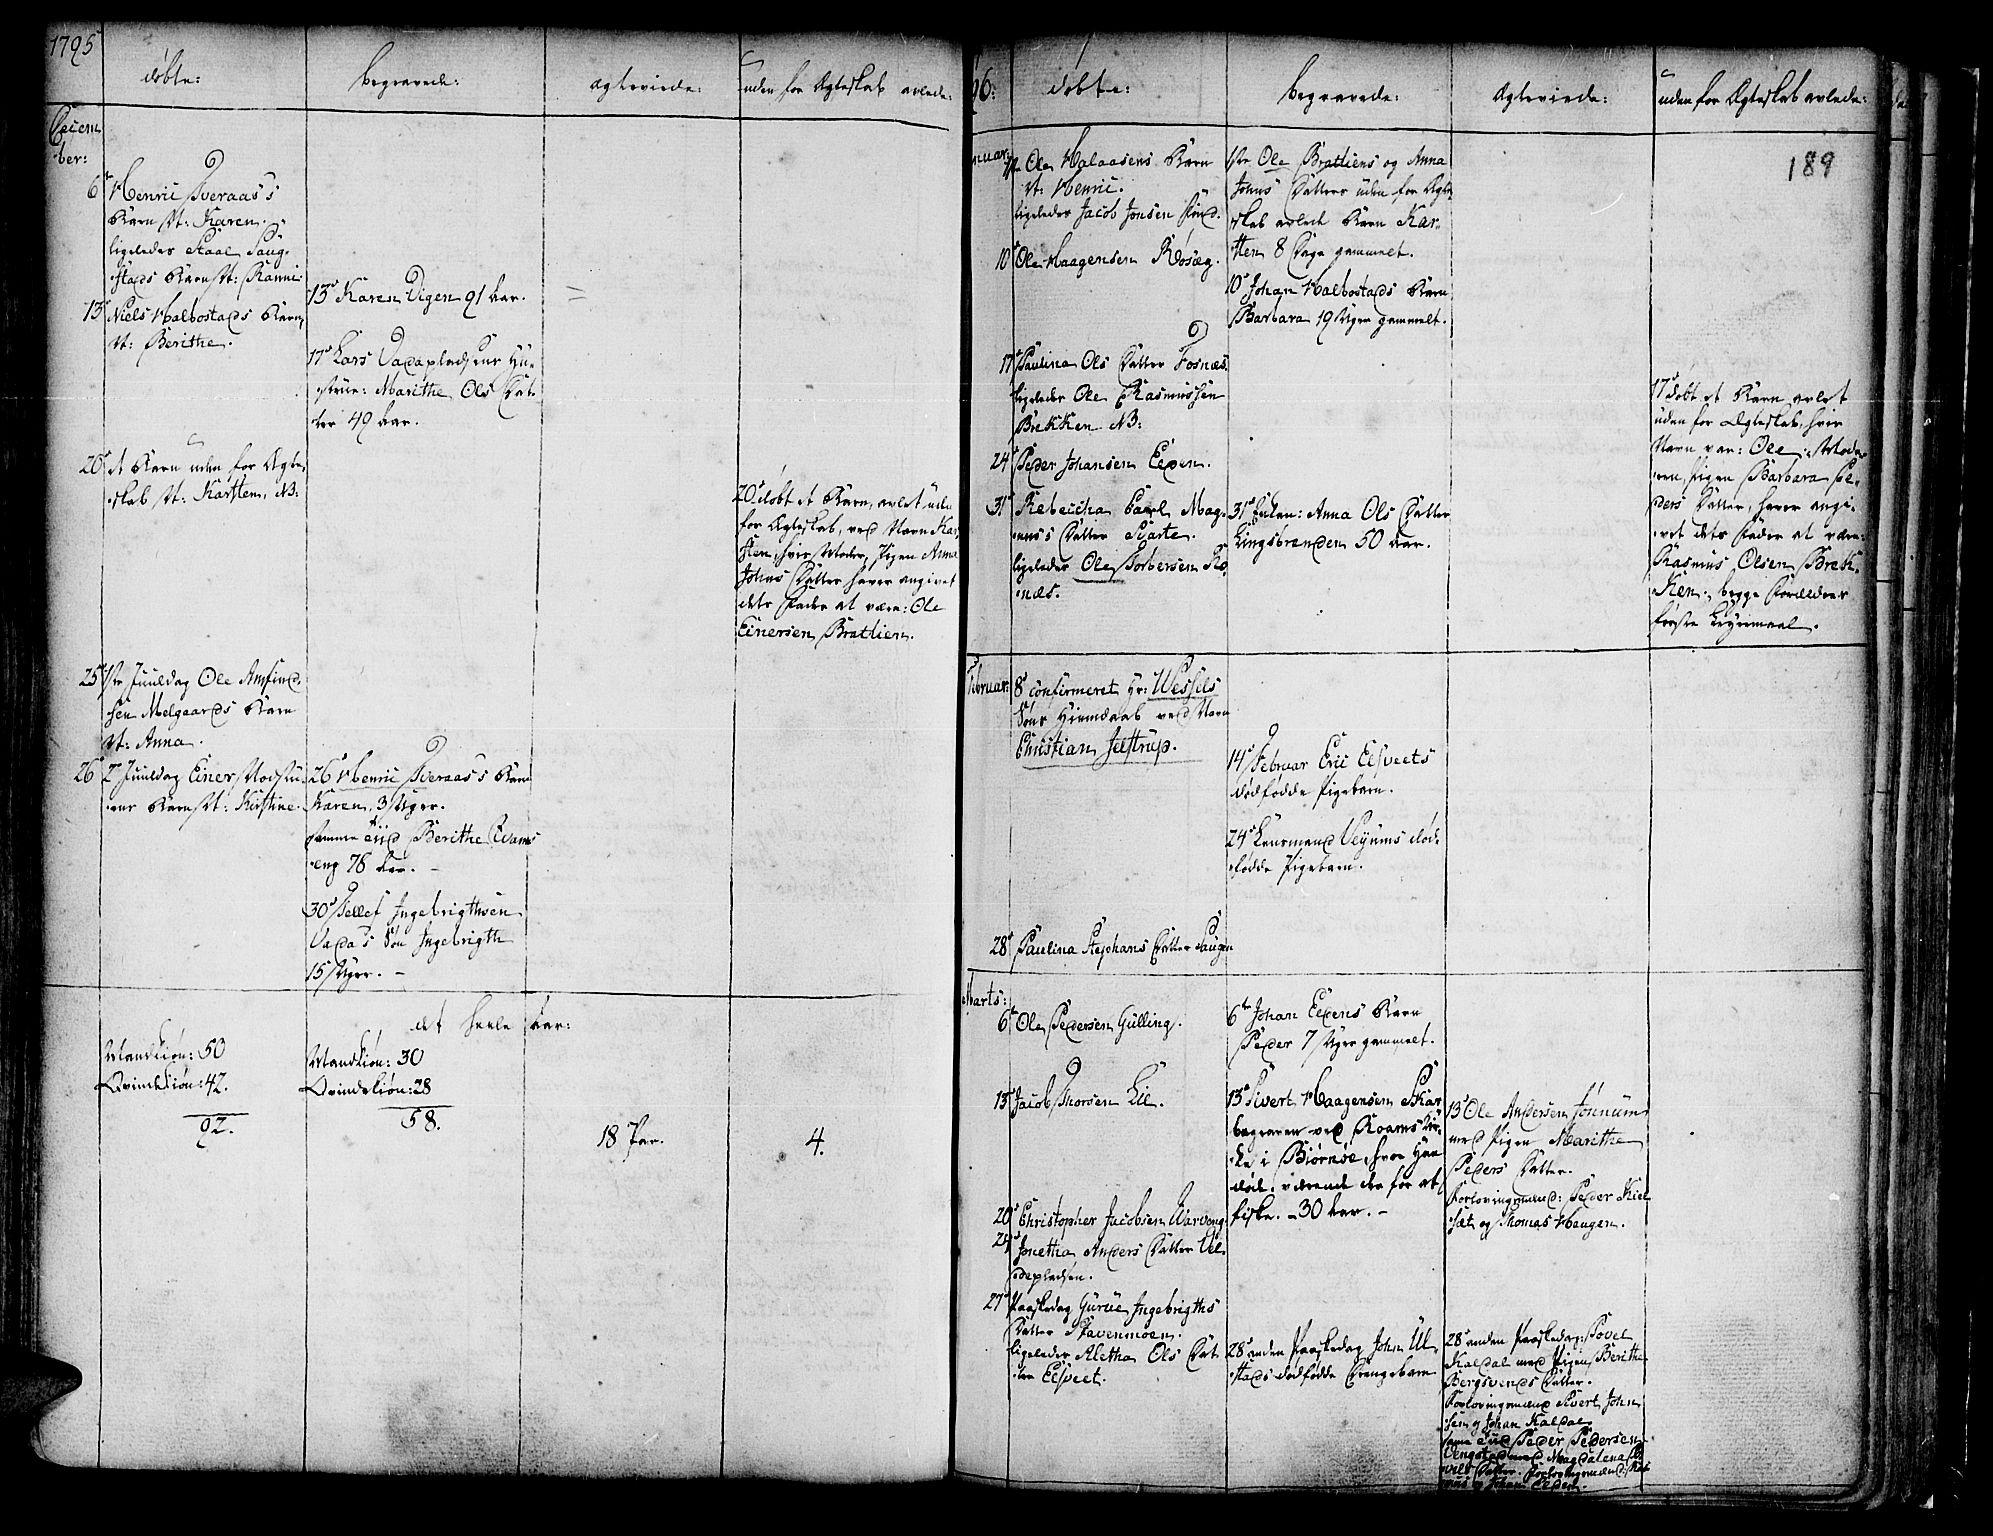 SAT, Ministerialprotokoller, klokkerbøker og fødselsregistre - Nord-Trøndelag, 741/L0385: Ministerialbok nr. 741A01, 1722-1815, s. 189